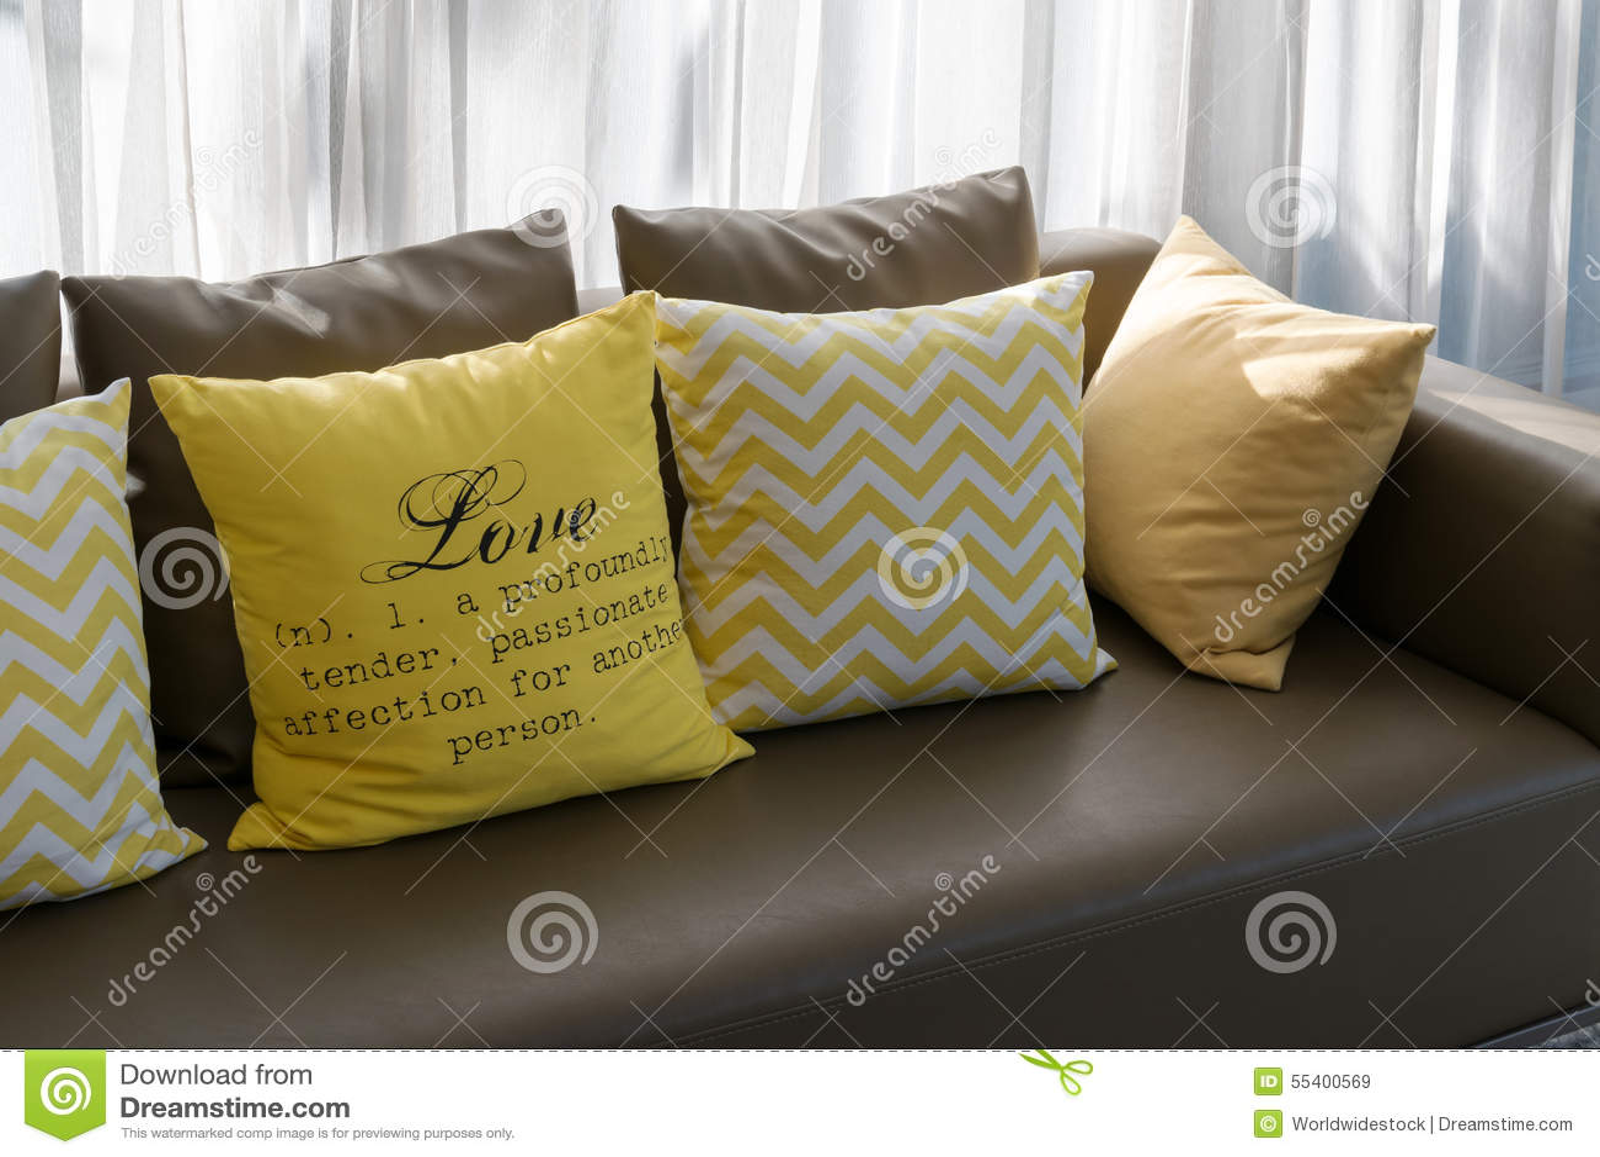 Wohnzimmerdesign Mit Braunem Sofa Und Gelben Kissen Stockbild Bild